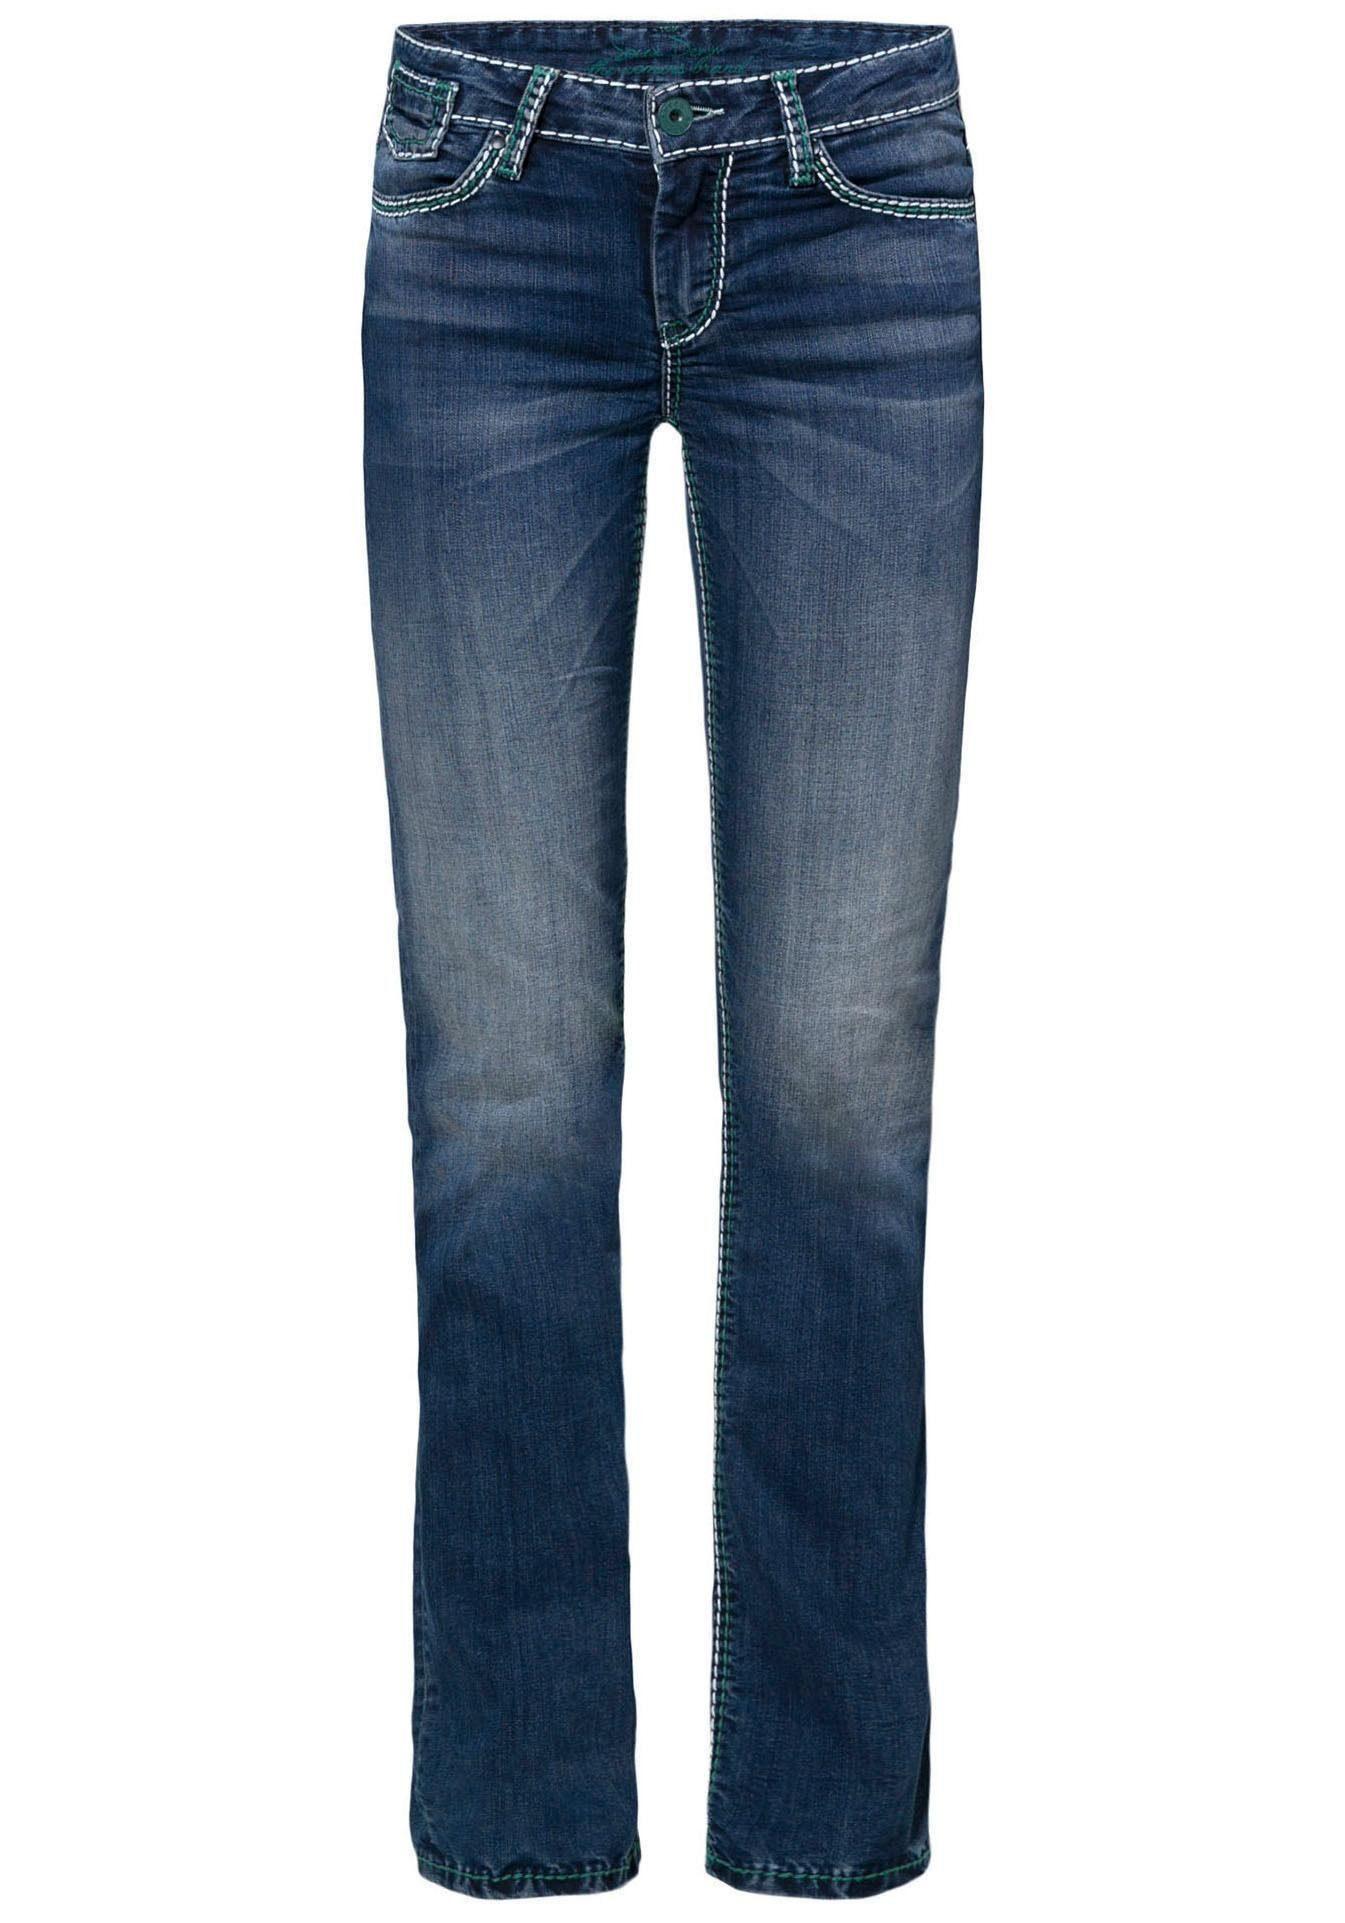 SOCCX Gerade Jeans »CO:LE« mit kontrastfarbigen, dicken Deko Steppnähten online kaufen   OTTO